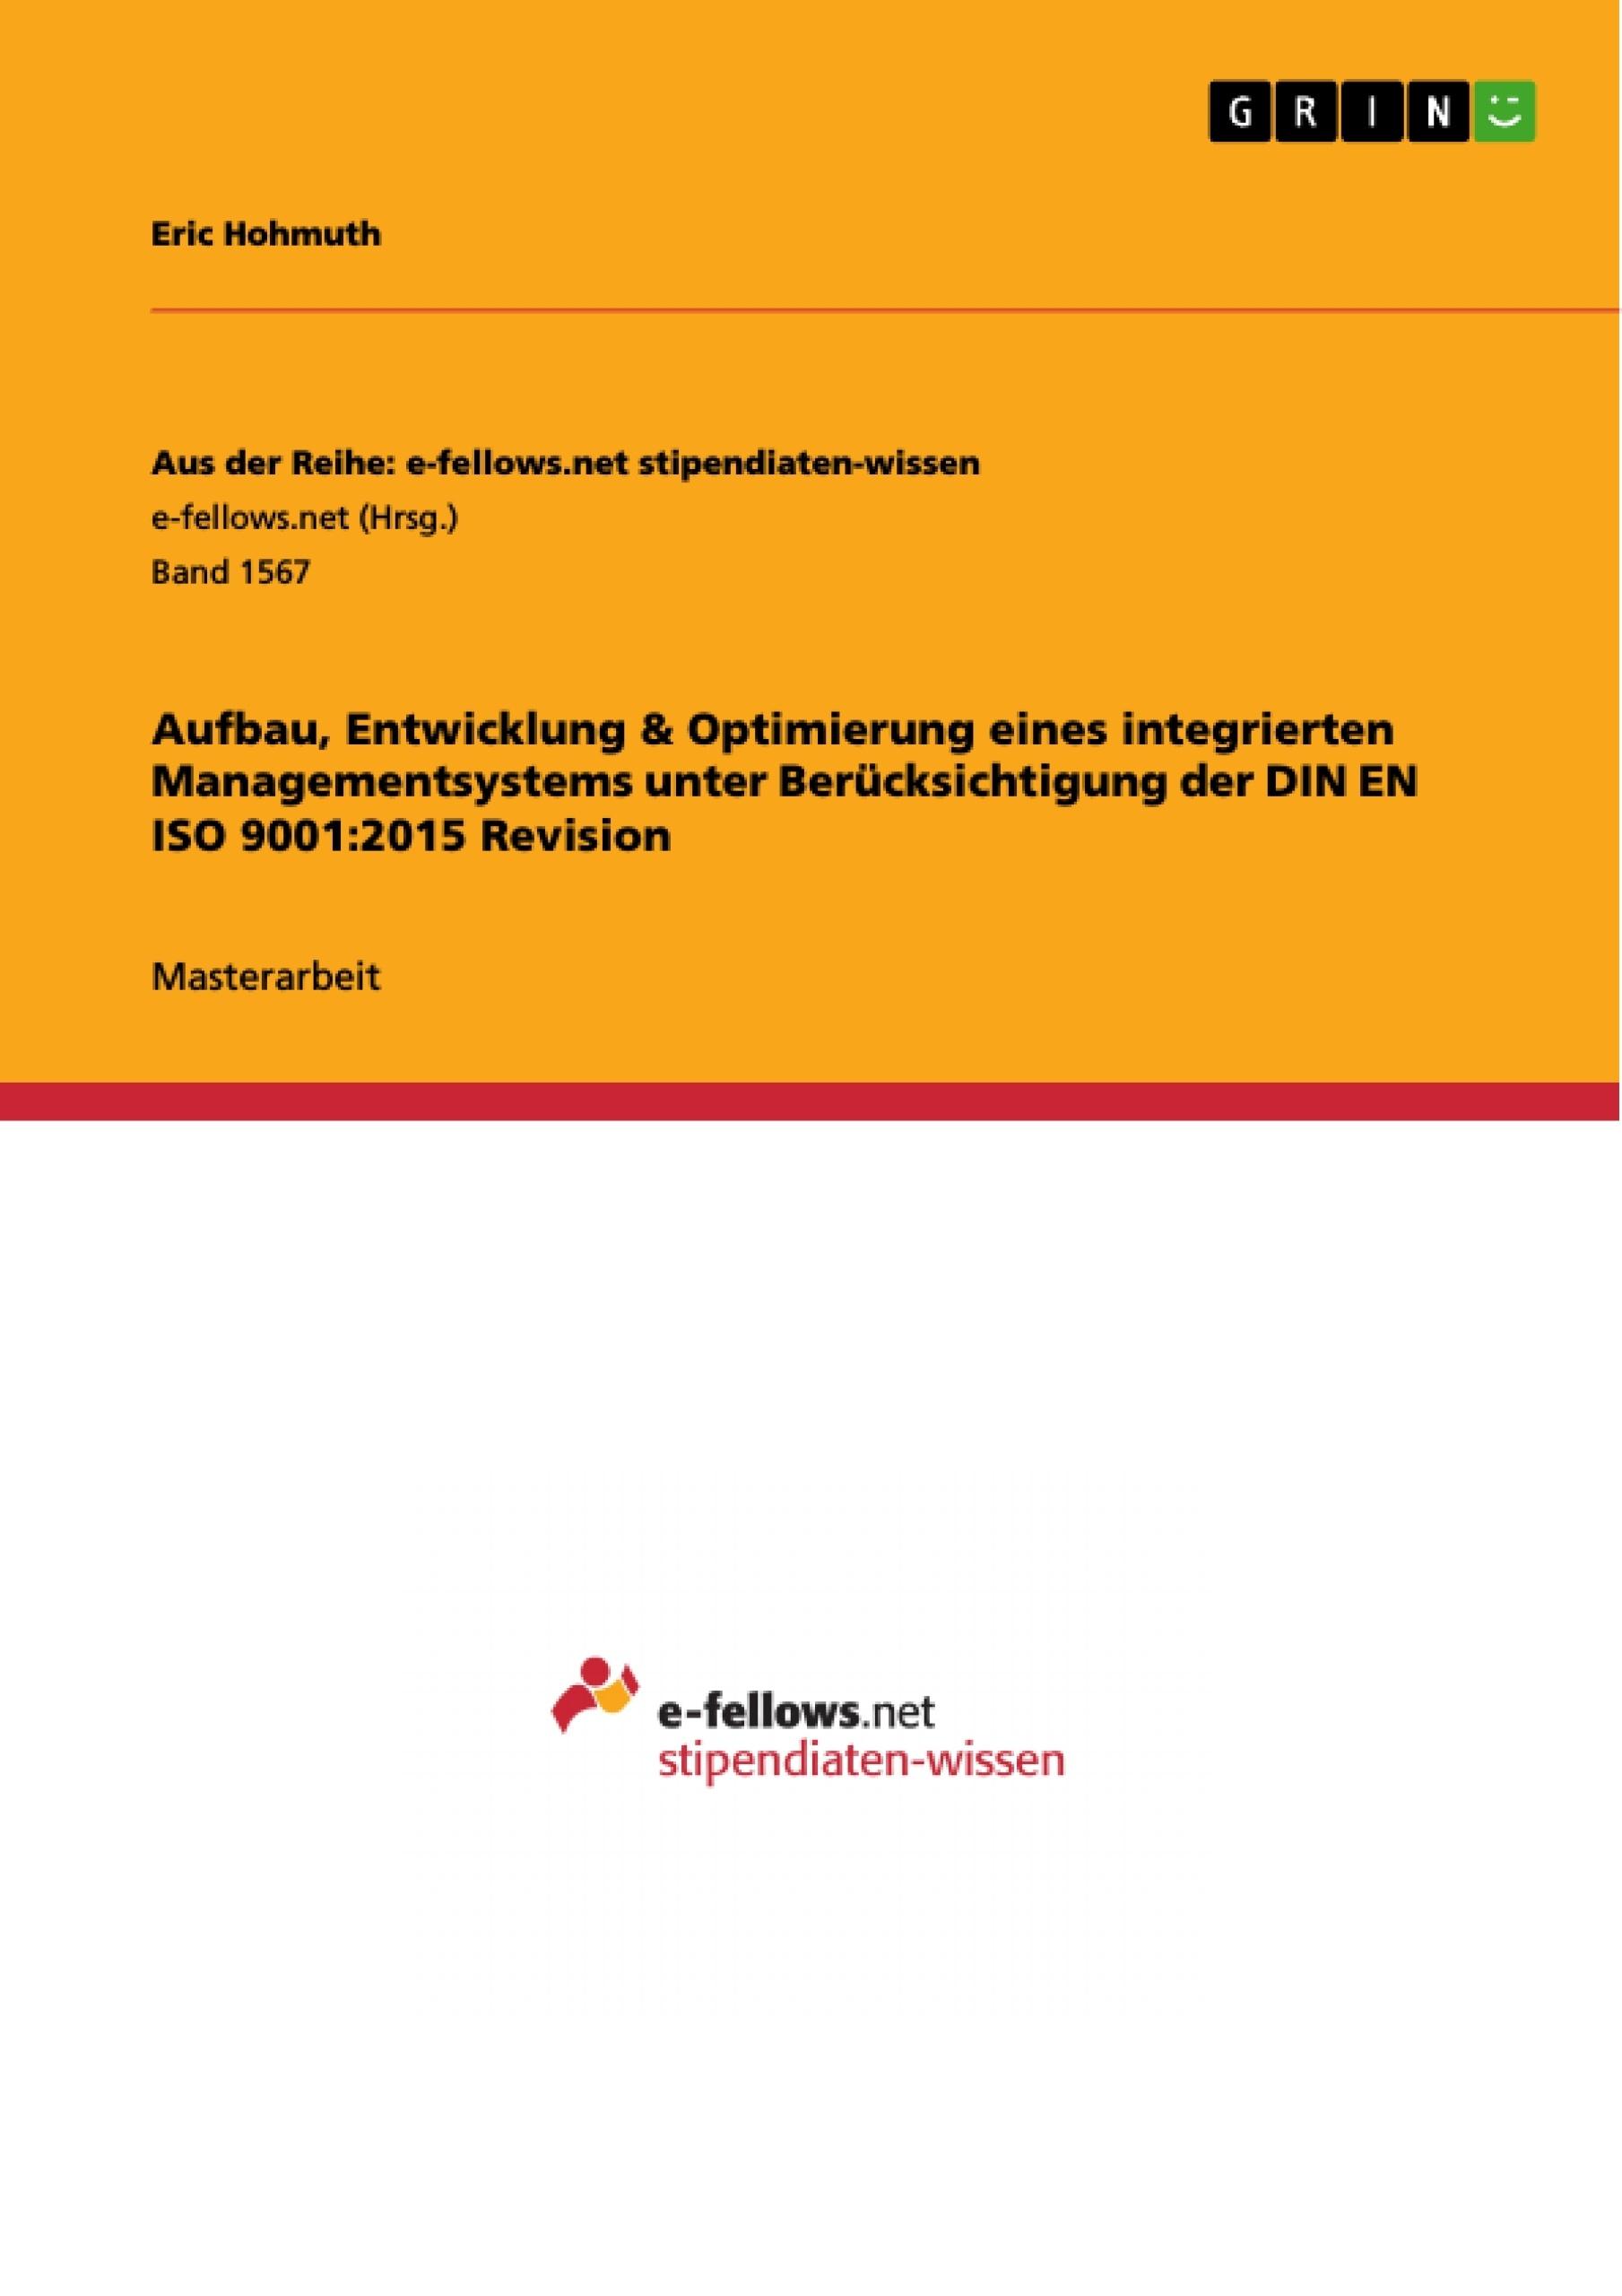 Titel: Aufbau, Entwicklung & Optimierung eines integrierten Managementsystems unter Berücksichtigung der DIN EN ISO 9001:2015 Revision